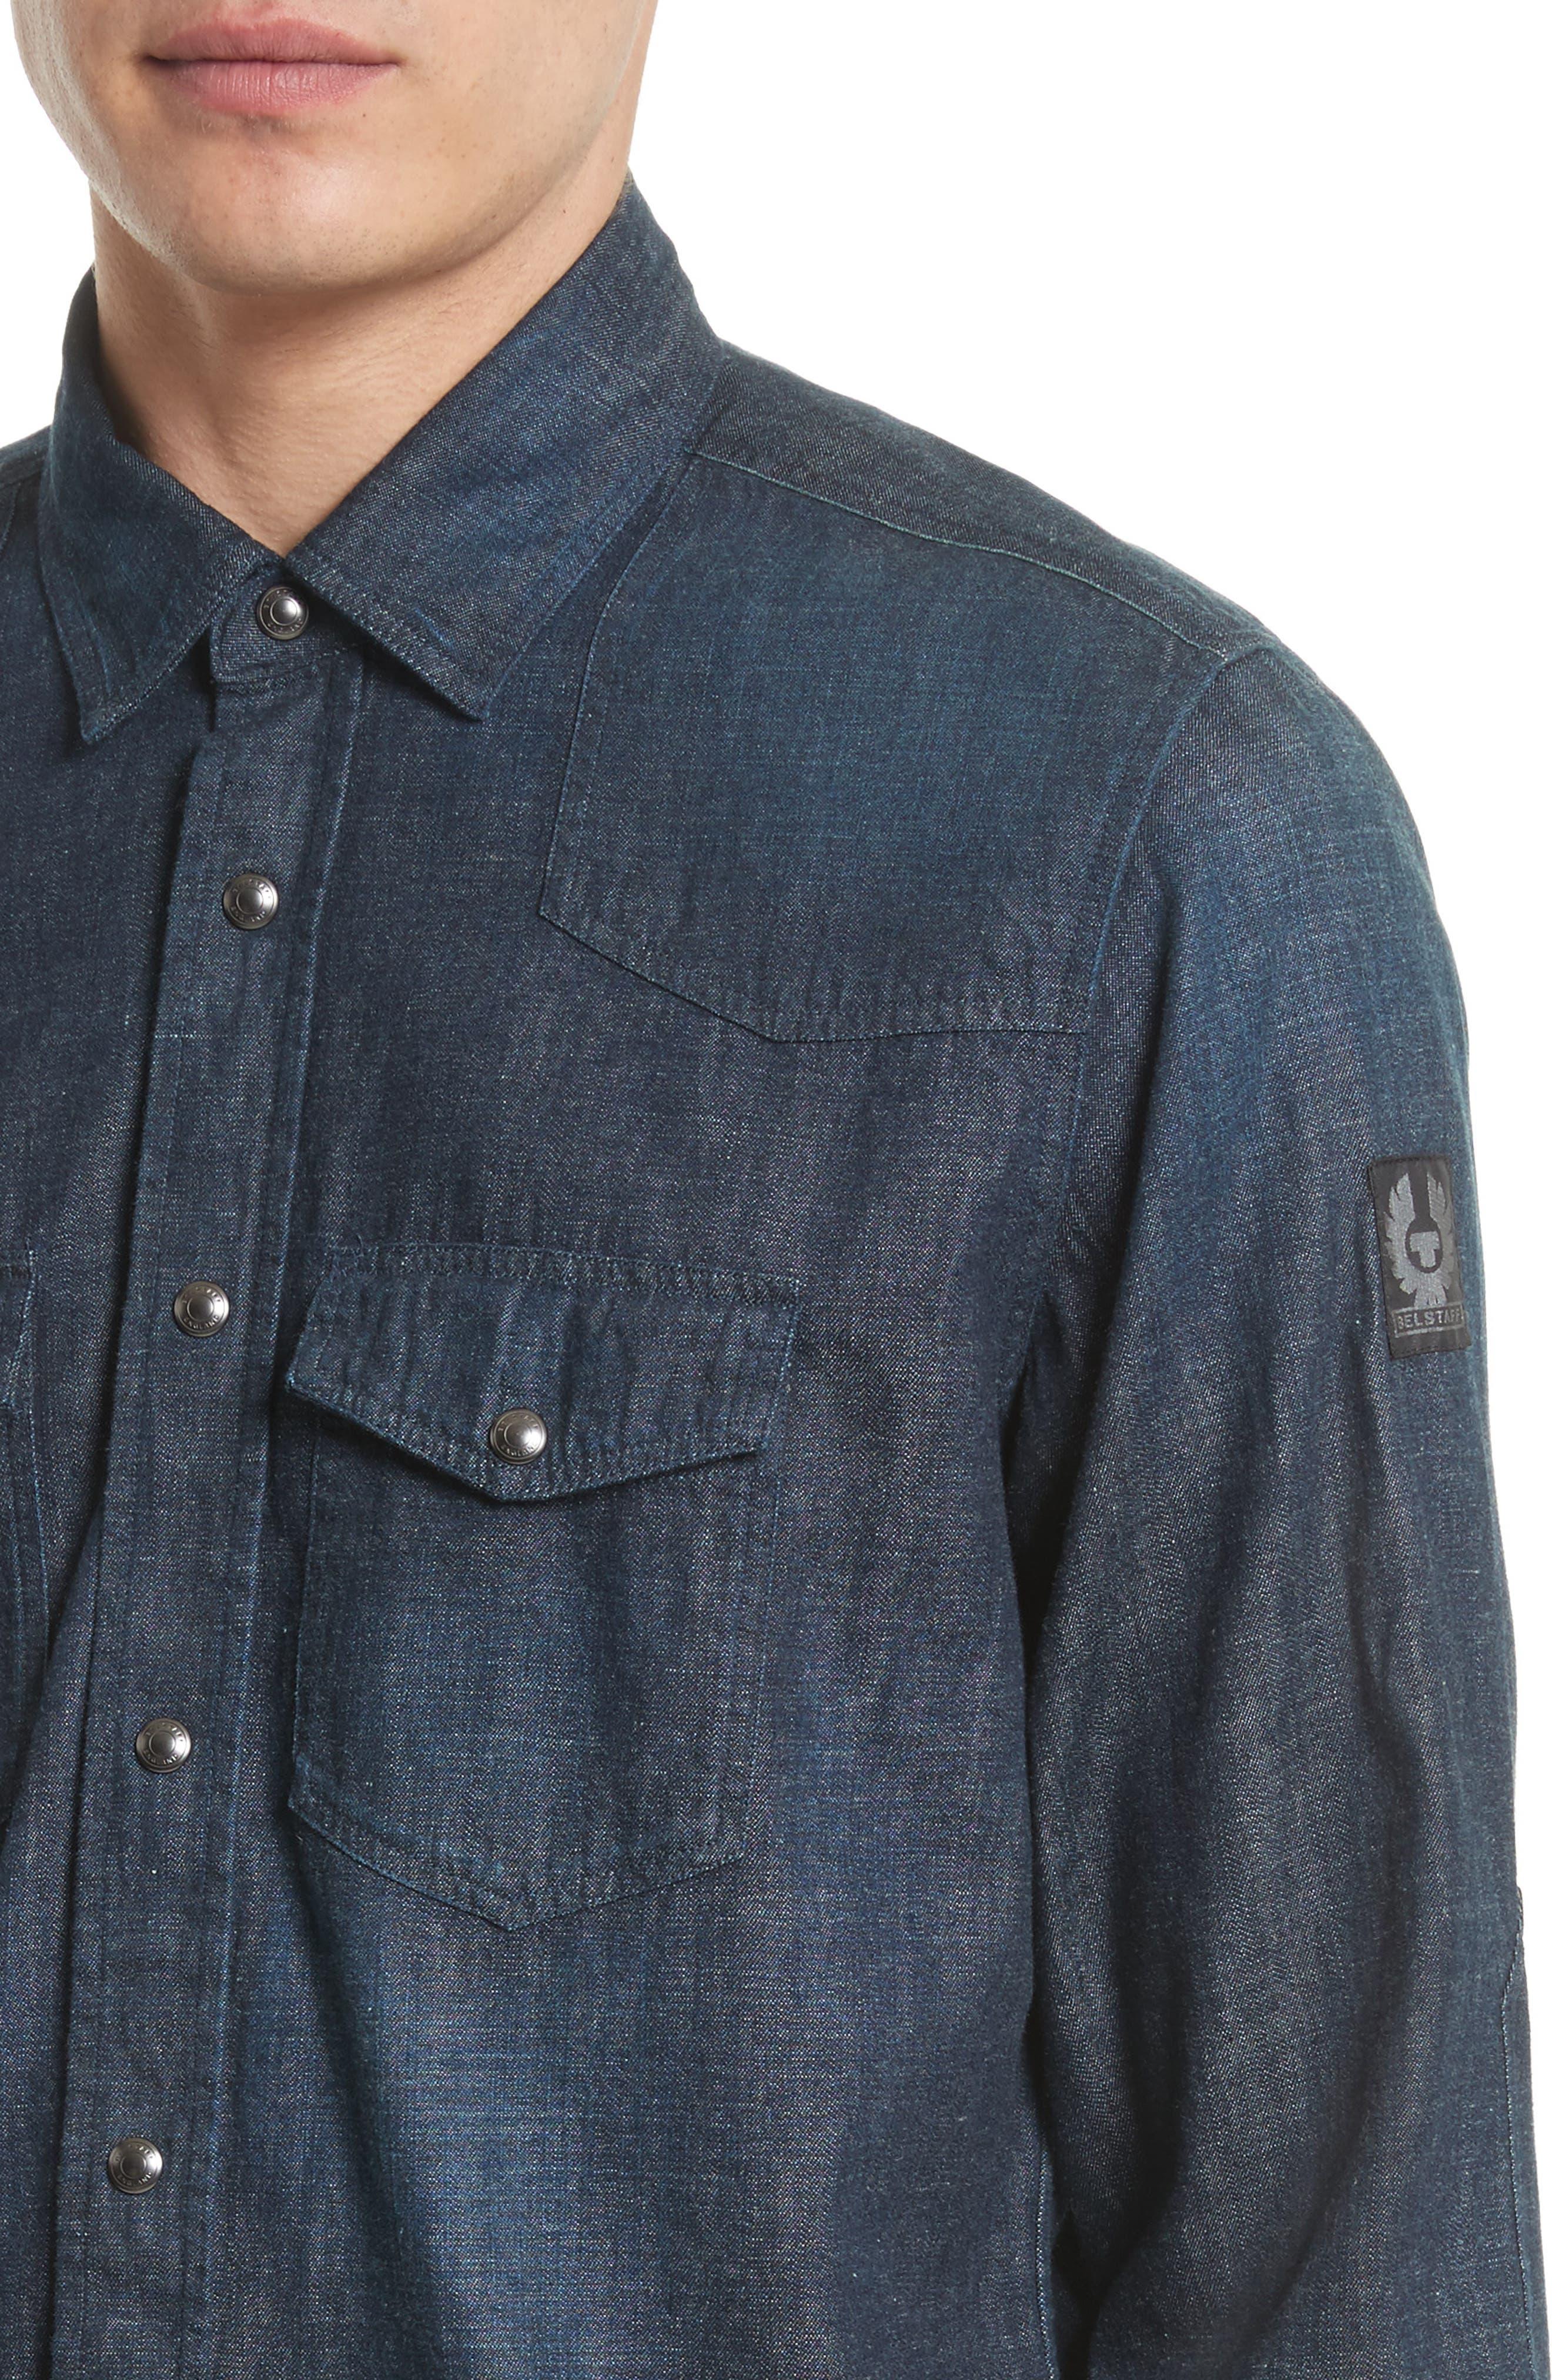 Somerford Denim Sport Shirt,                             Alternate thumbnail 4, color,                             Dark Blue